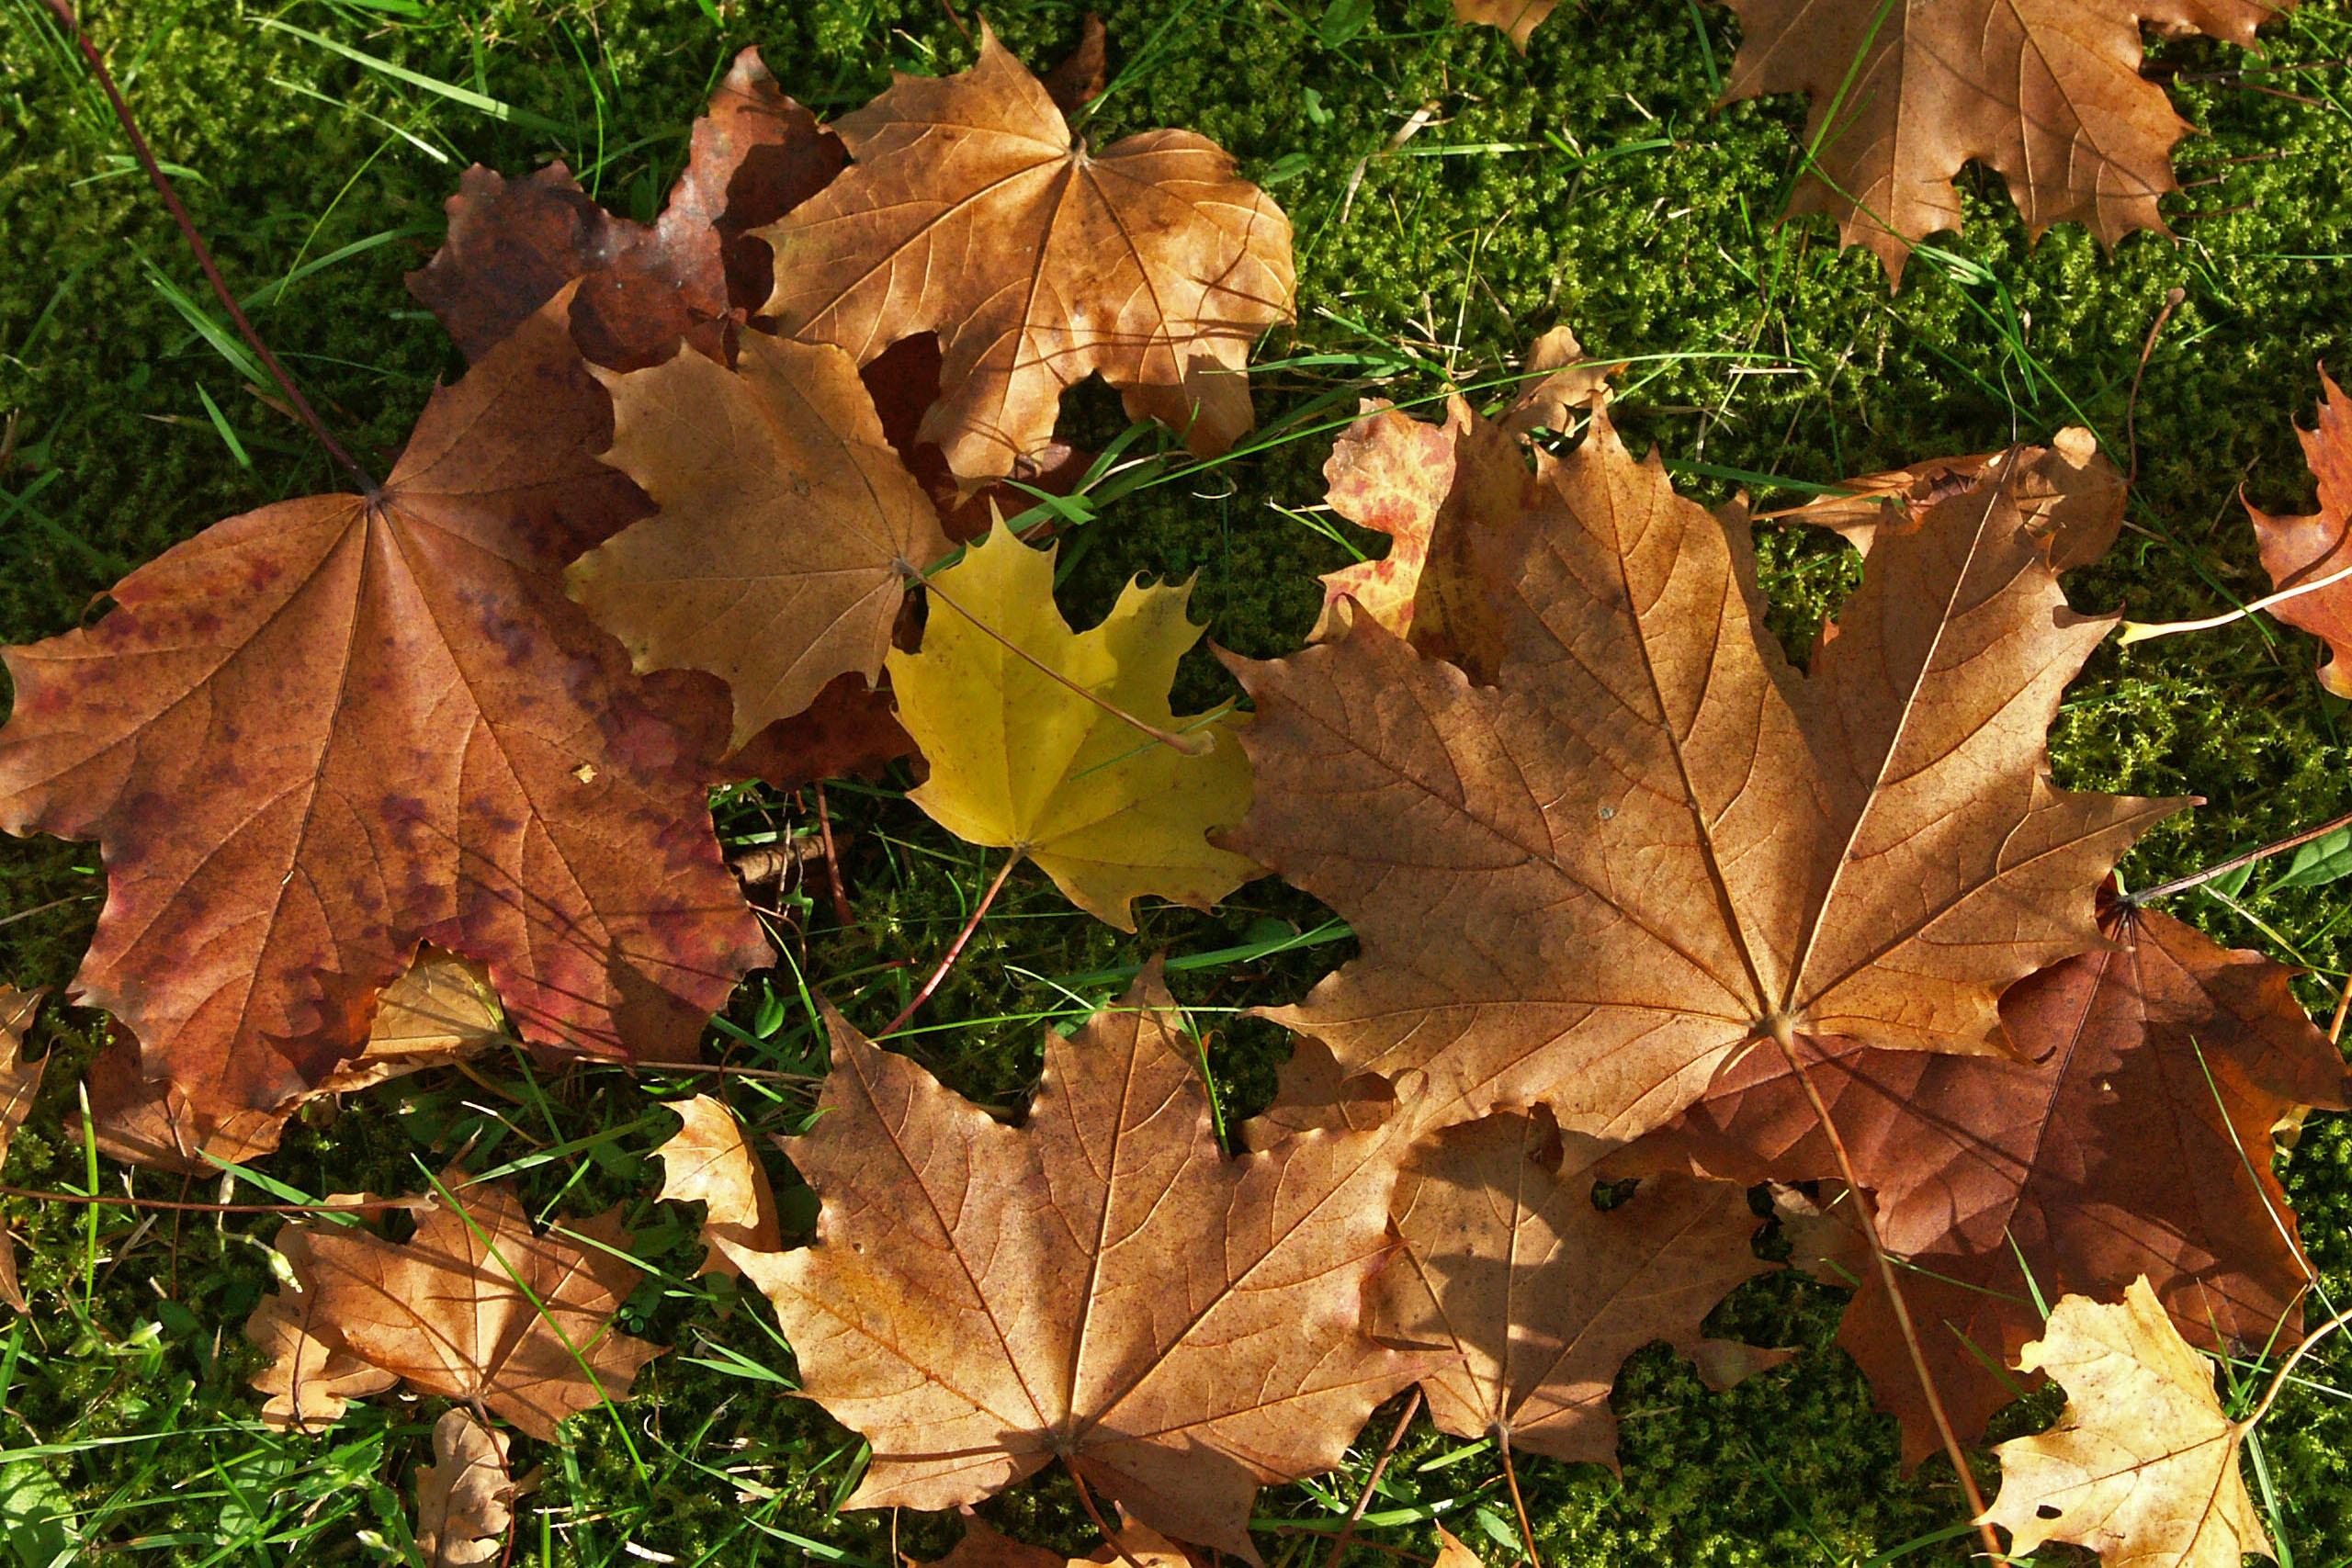 Obstbäume im Herbst pflanzen